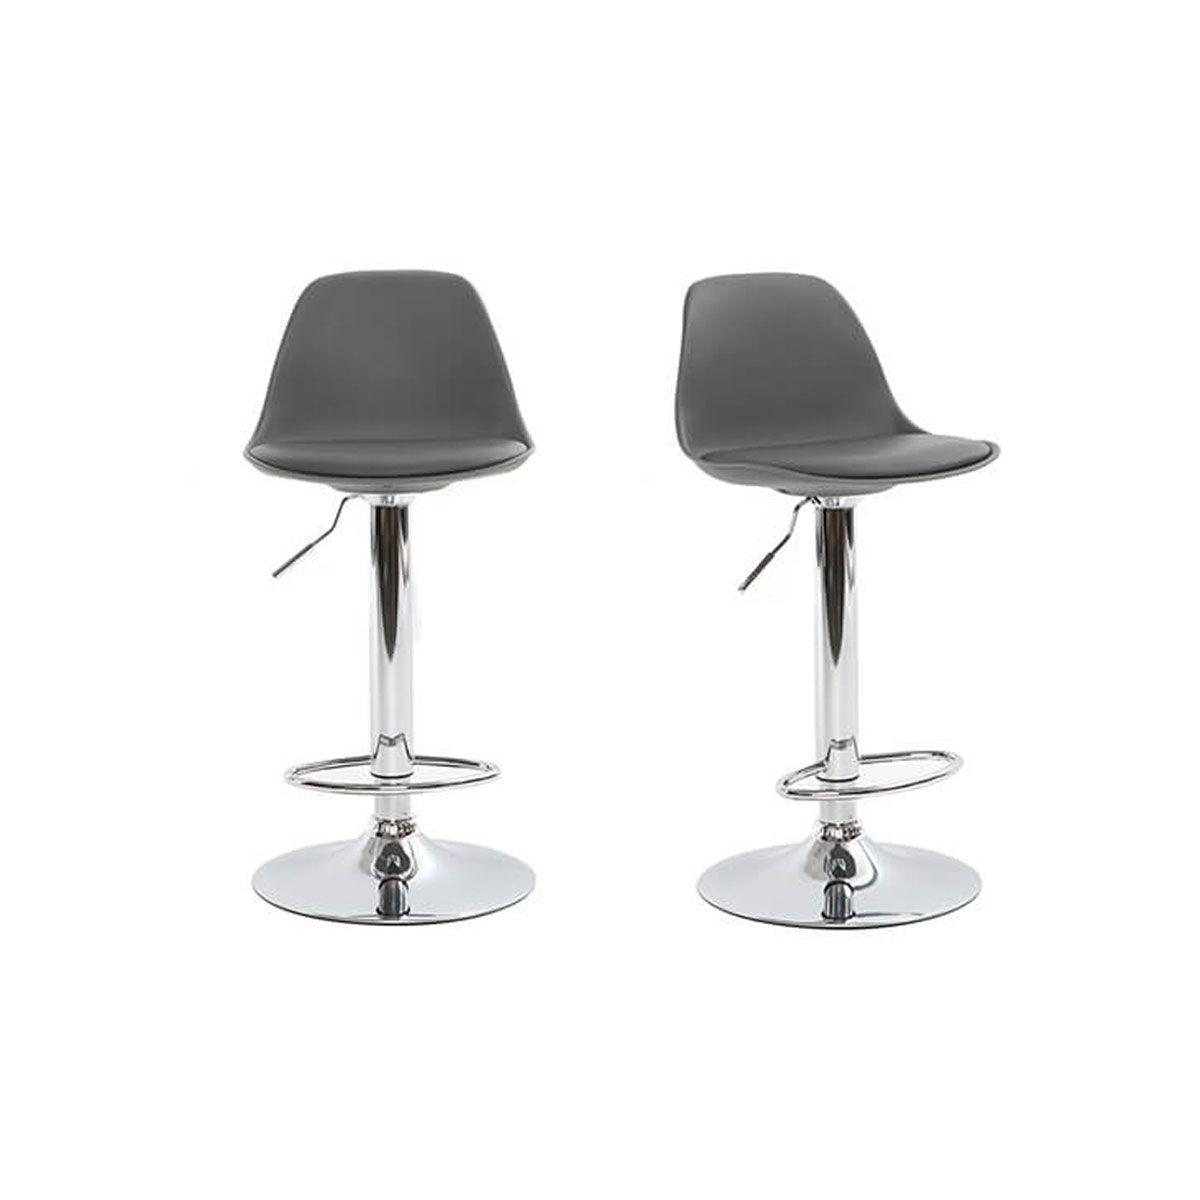 Gruppo di 2 sgabelli da bar design colore grigio STEEVY Sgabelli da bar